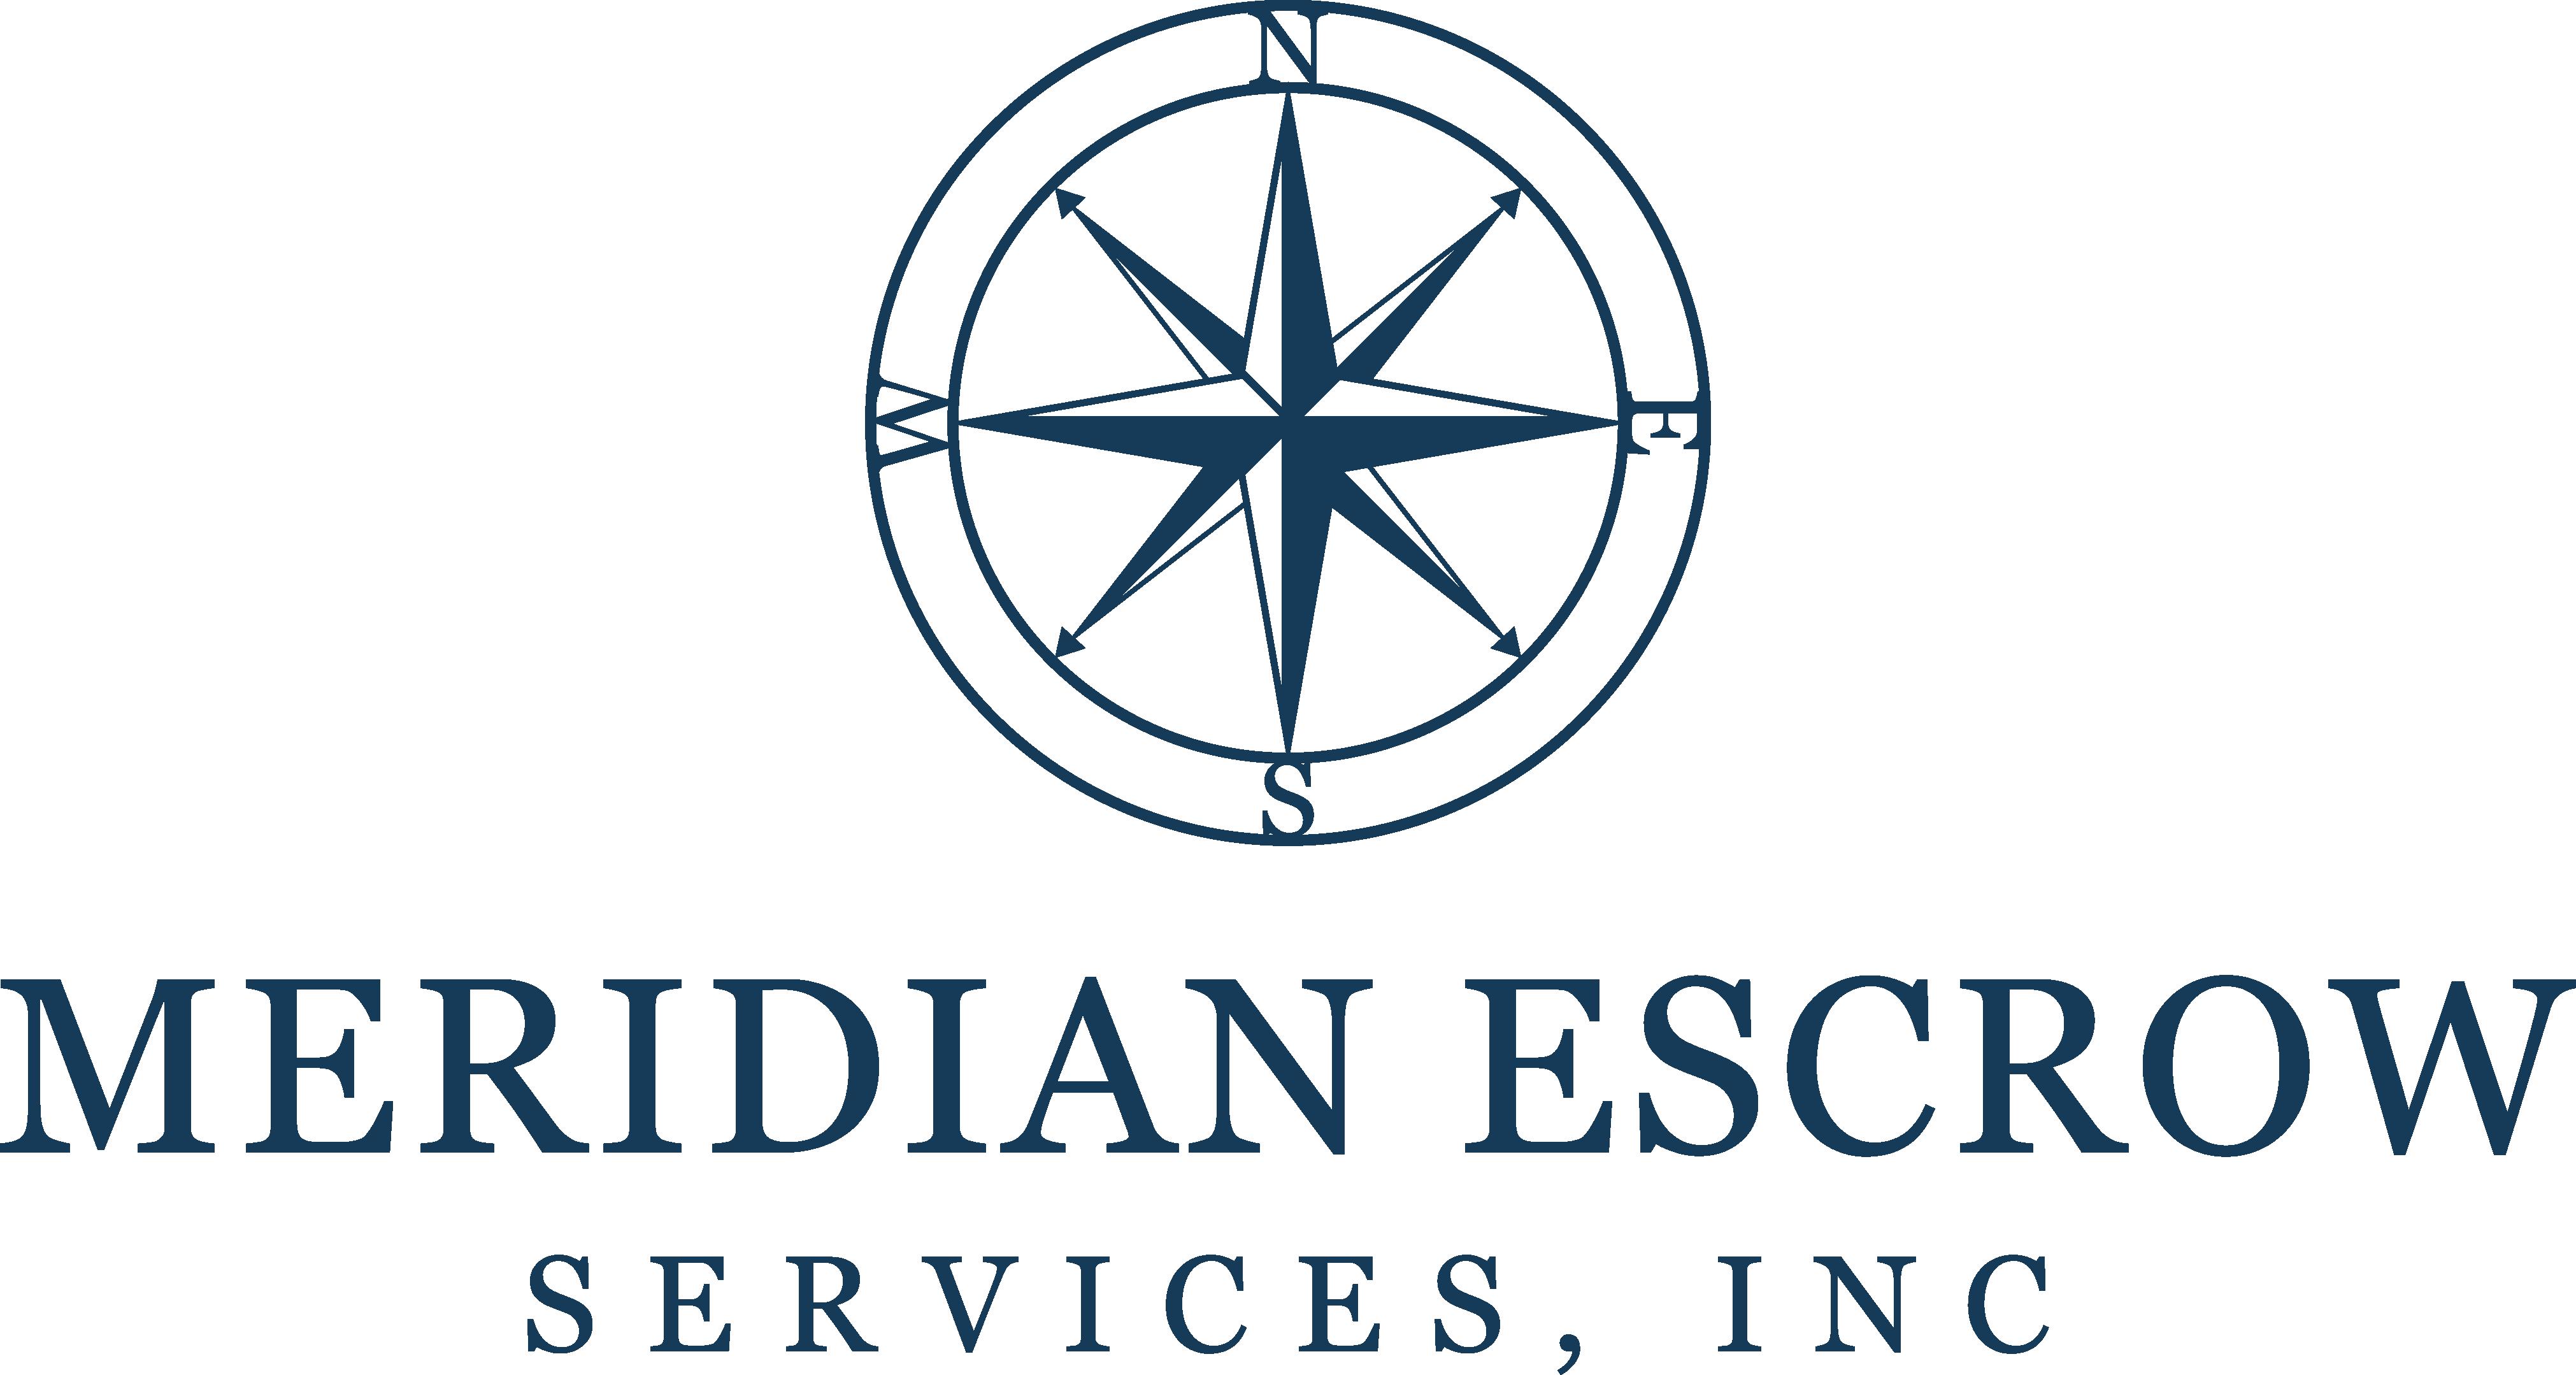 Meridian Escrow Services logo